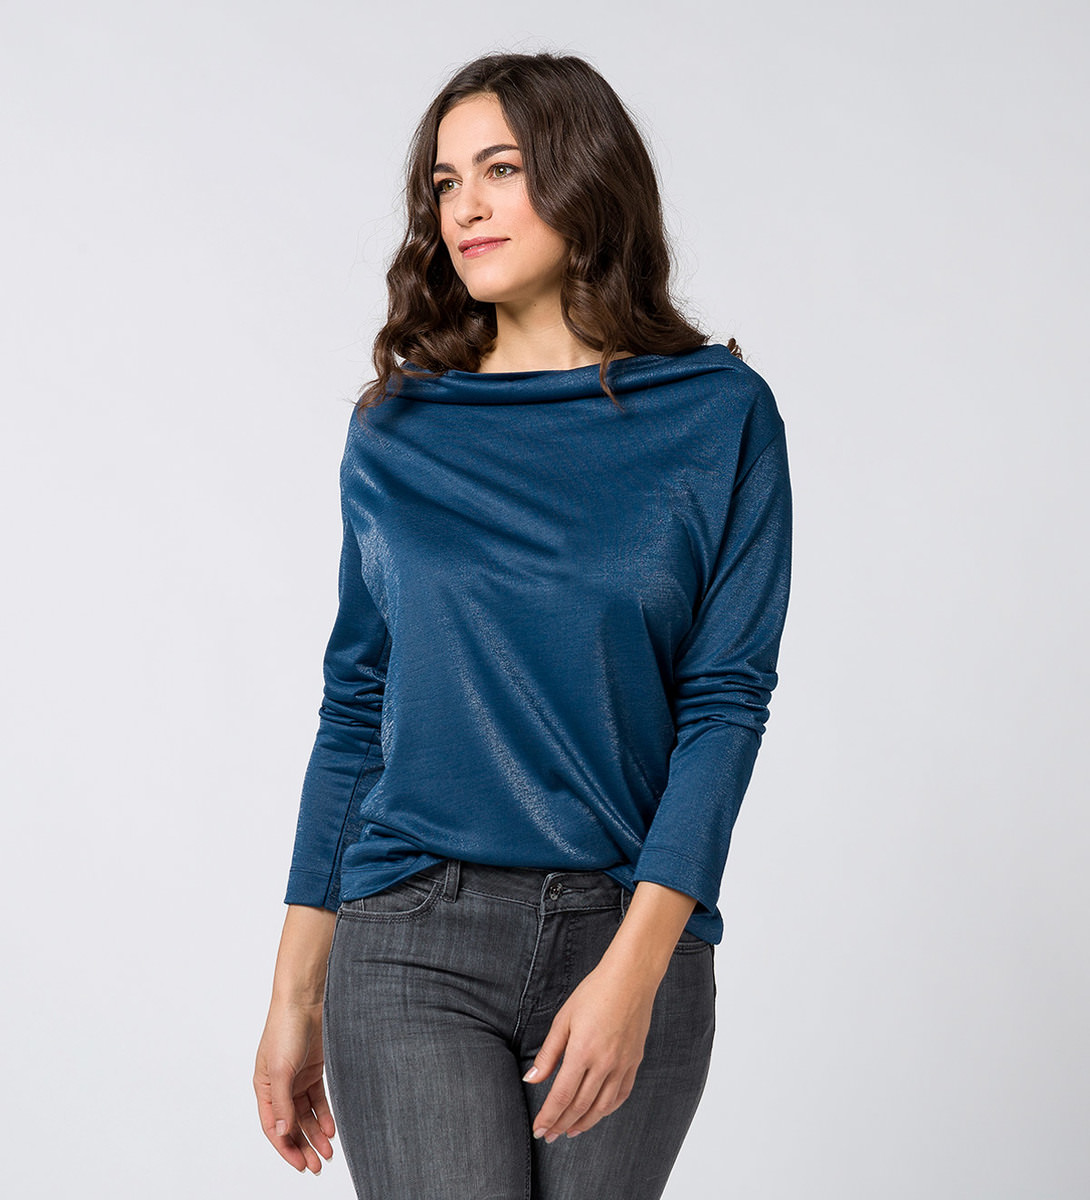 T-Shirt mit Wasserfallausschnitt petrol blue-m